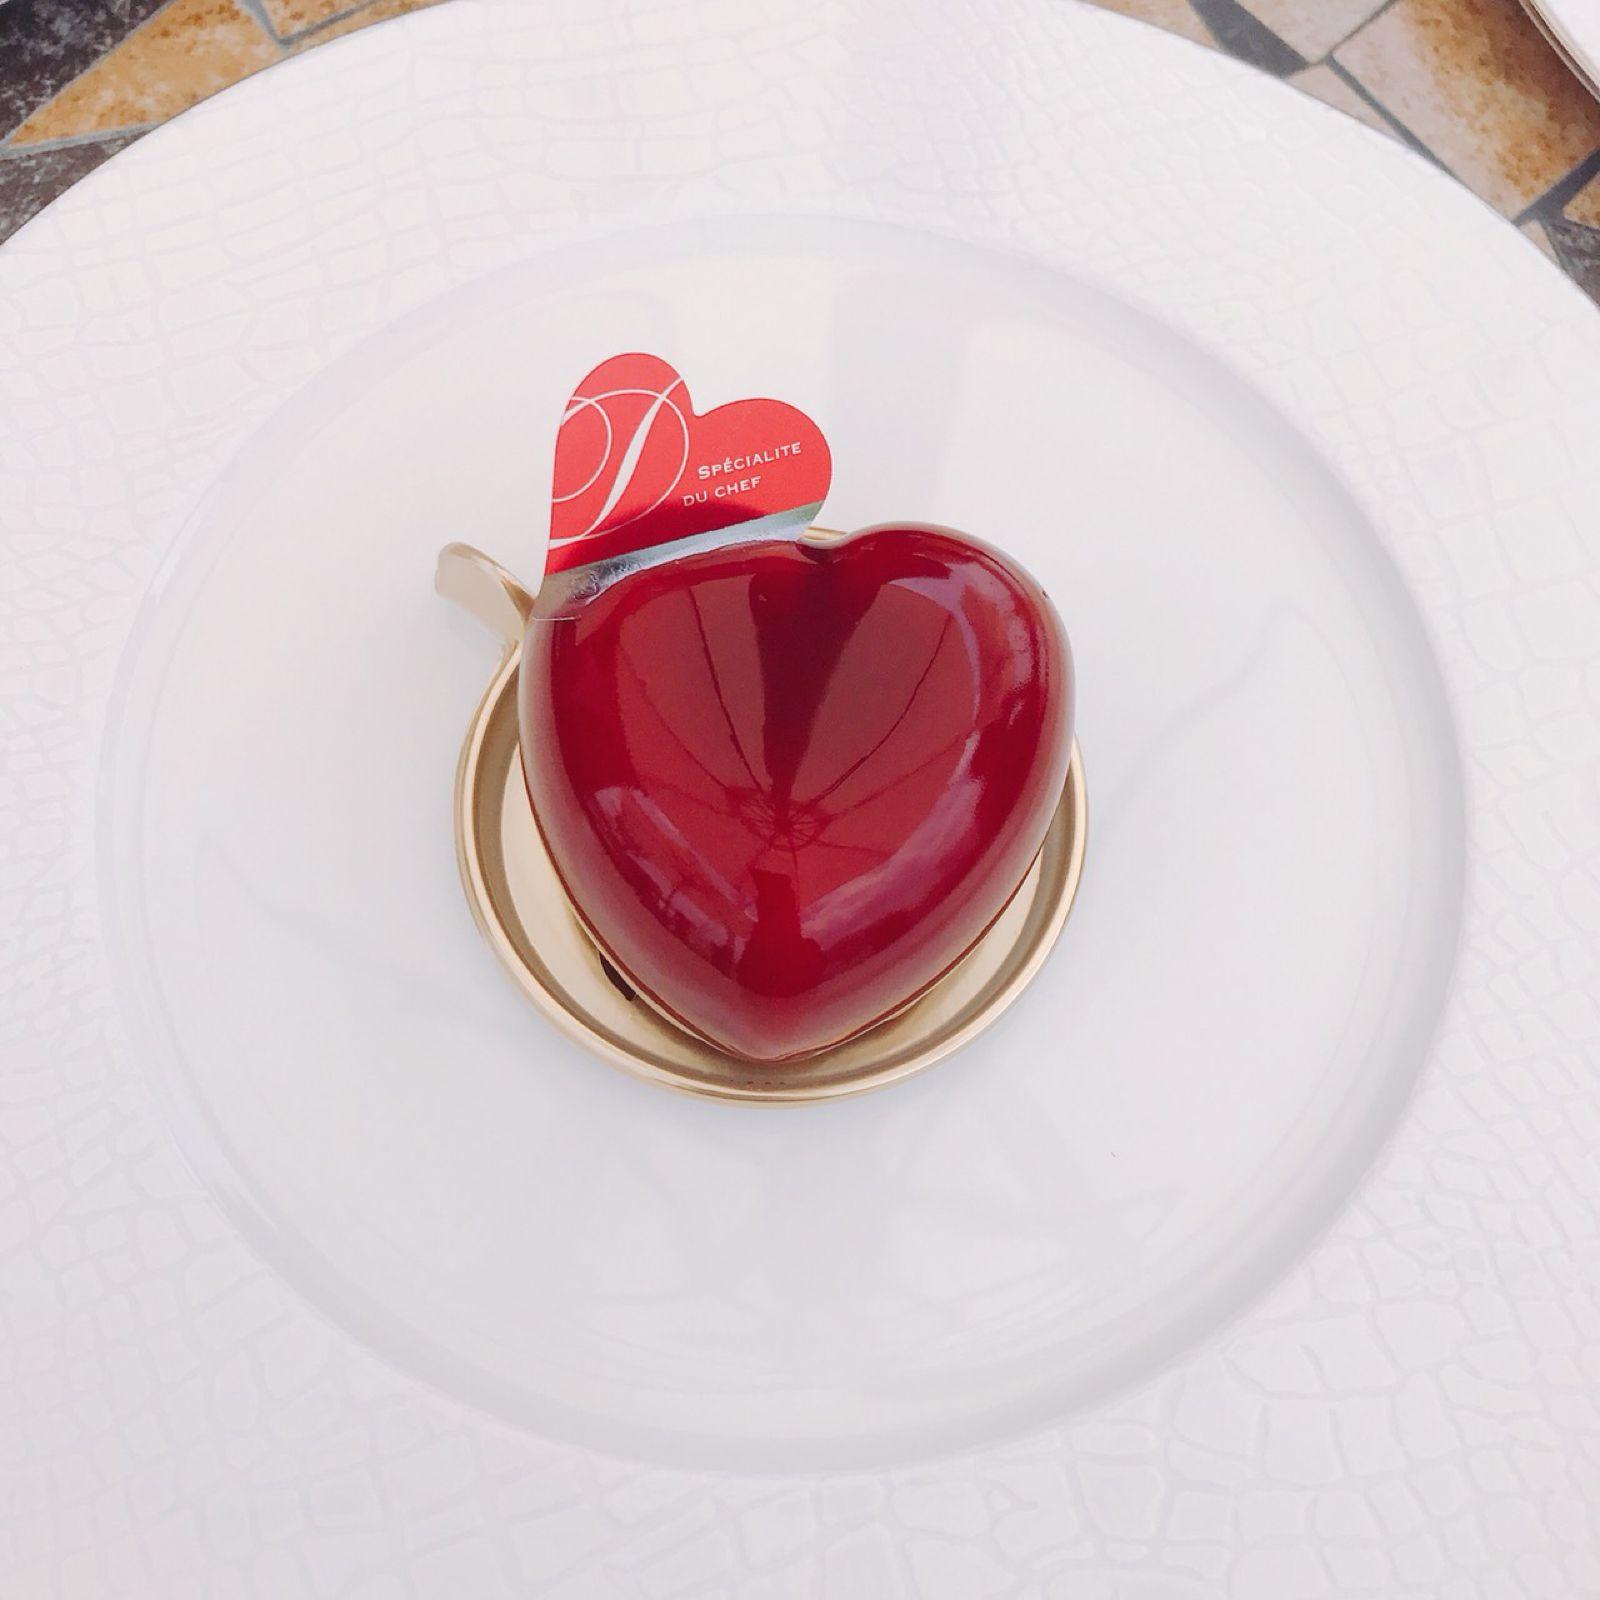 ラ リヴィエ ドゥ サーブル つくばのおすすめケーキ屋11選。売り切れ続出の人気店も